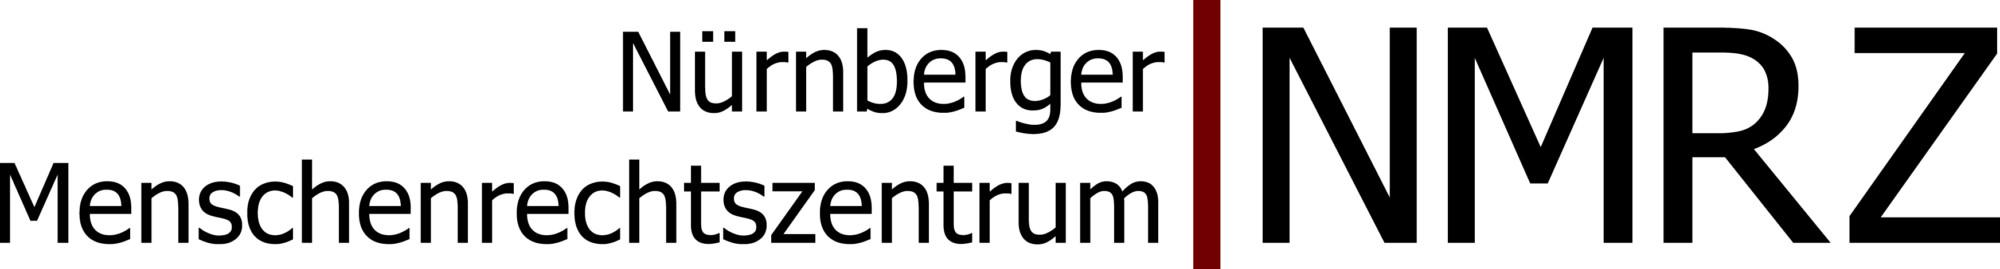 Logo des Nürnberger Menschenrechtszentrums und Link zu deren Homepage